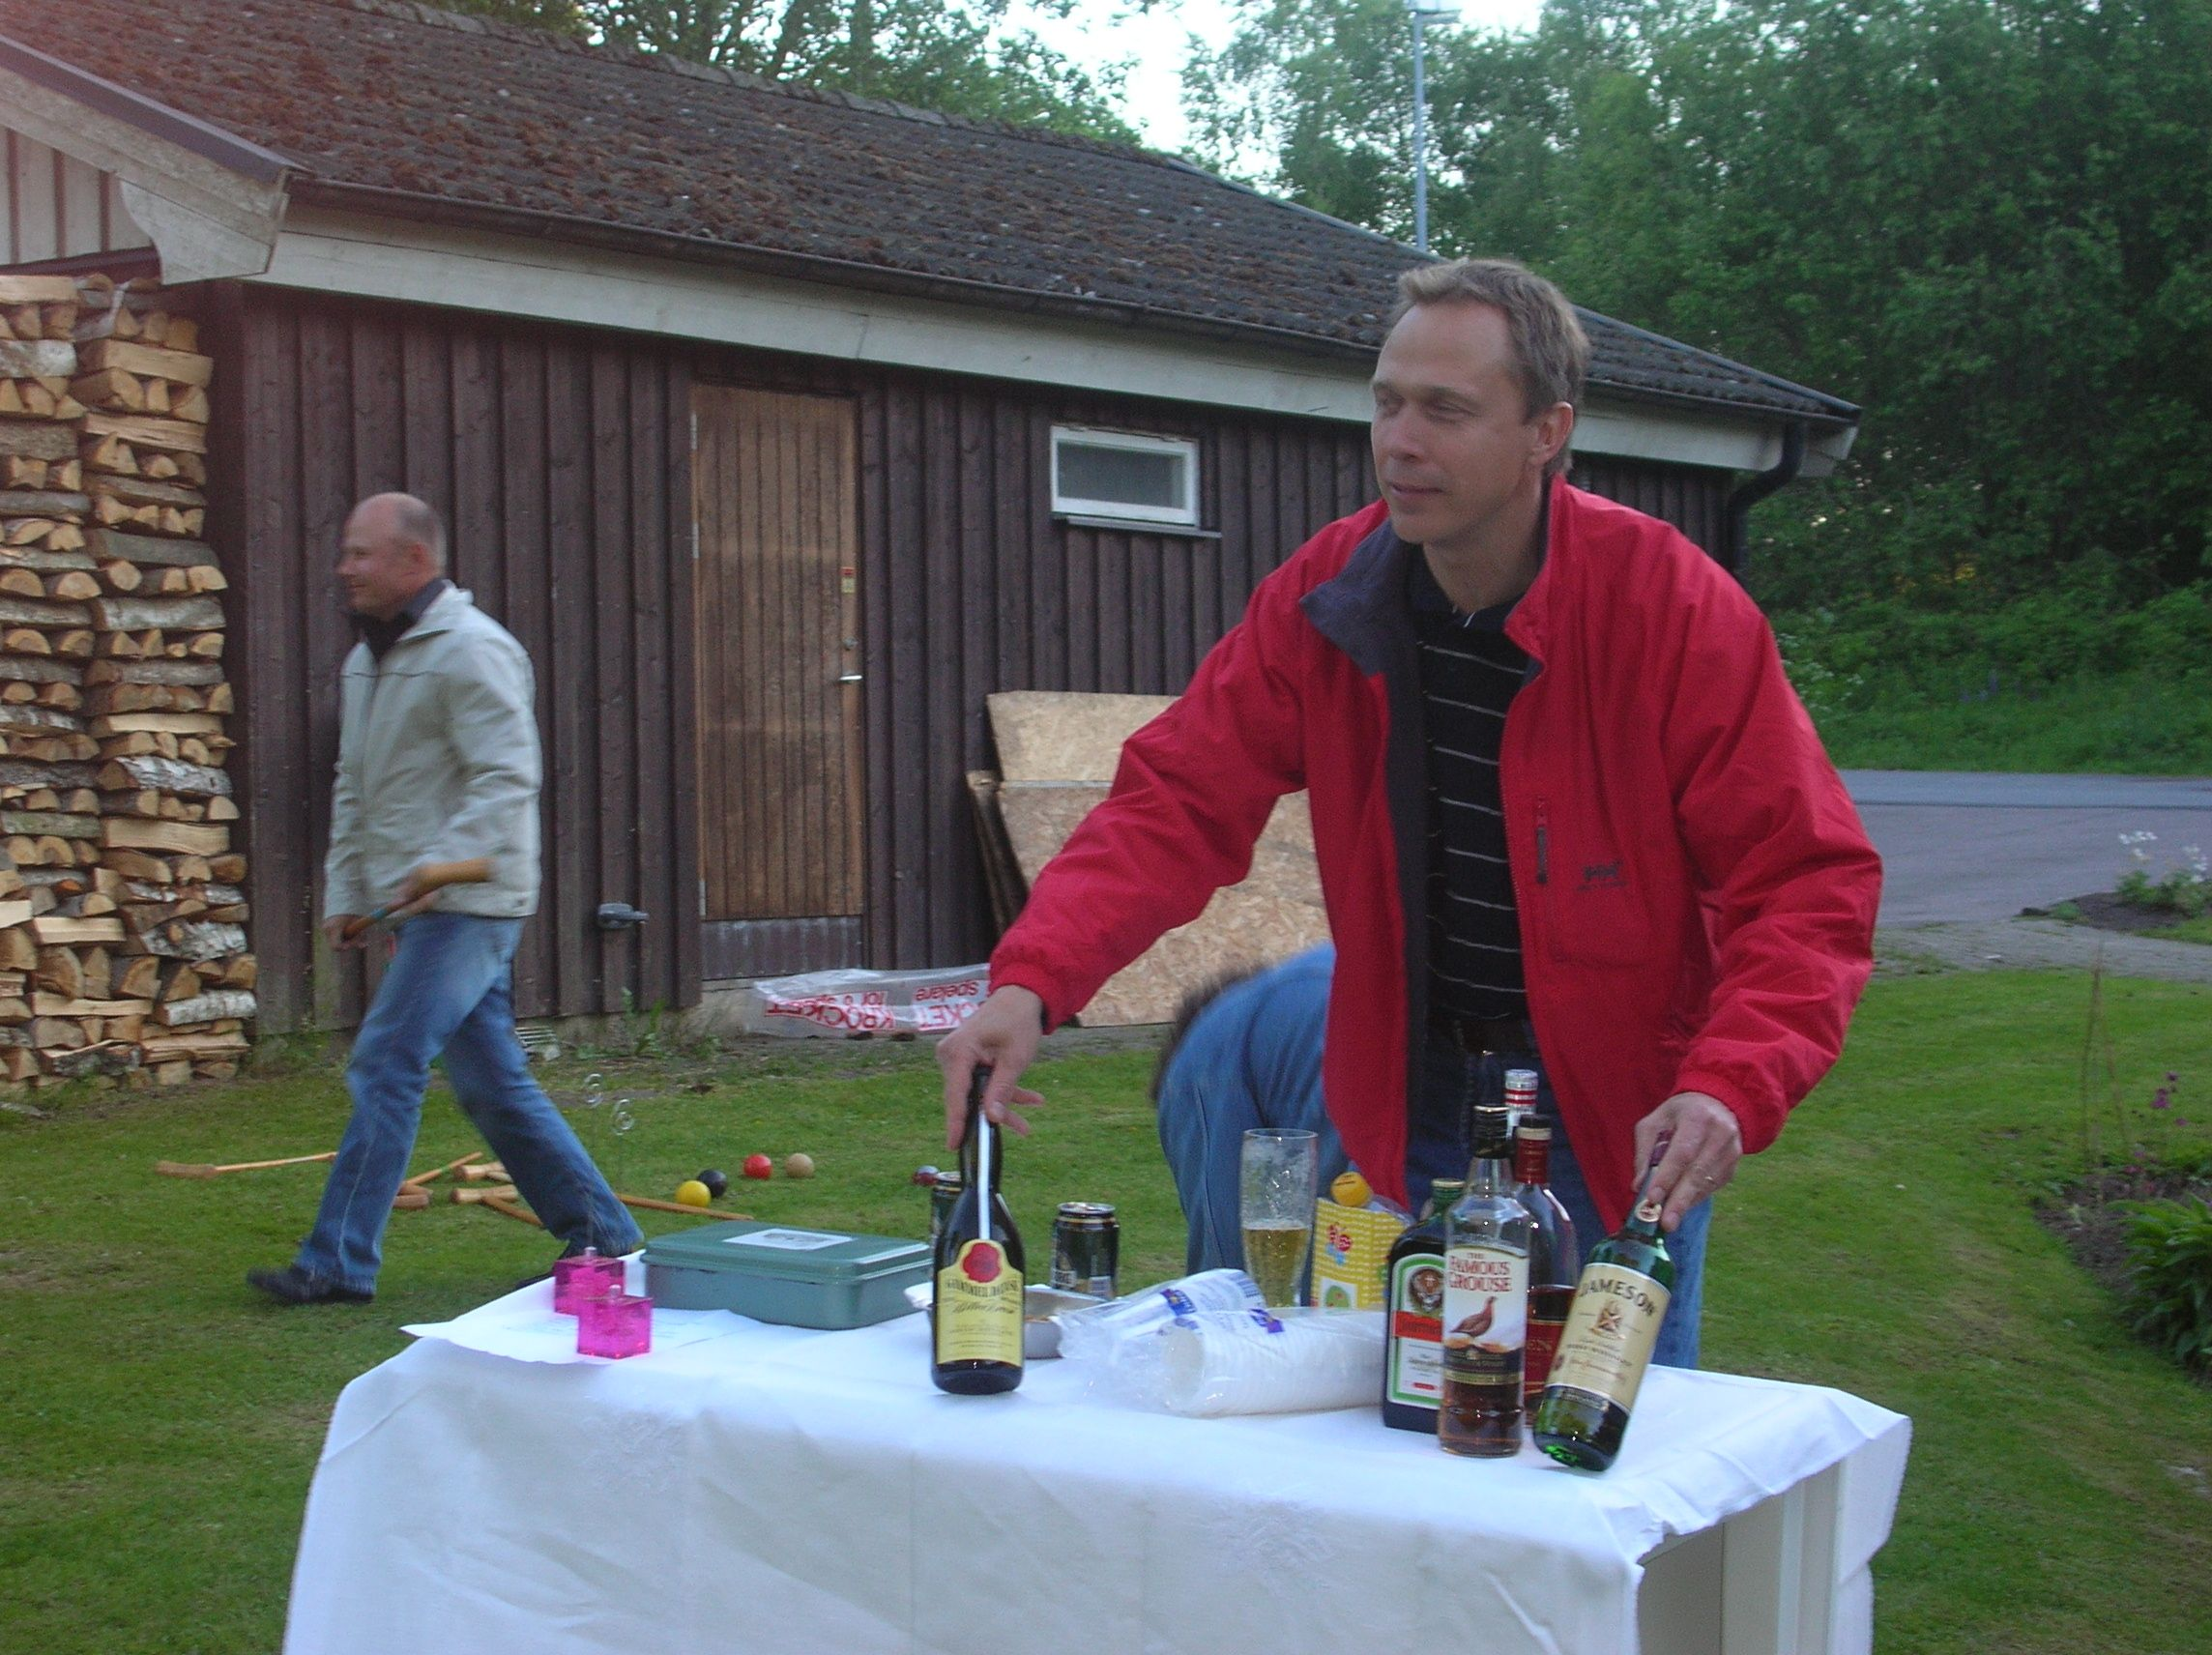 kvarnstensbockarna.se/image/bilder/2005/Möte hos Per 2005-06-11/Bild 05. Göran öppnar baren.jpg